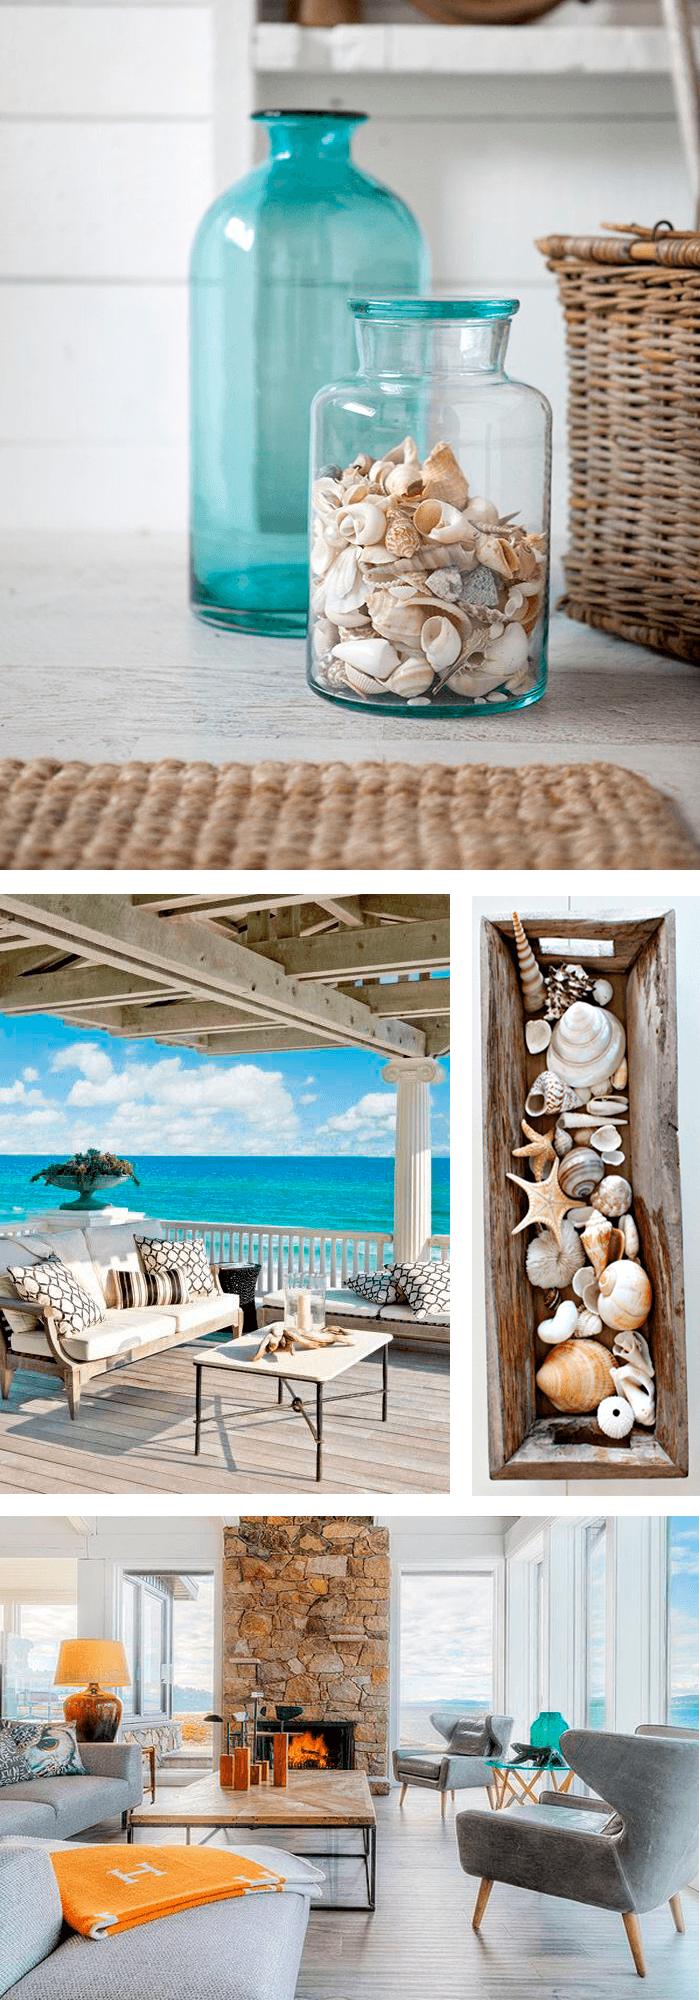 decoracao-de-casa-de-praia-dica